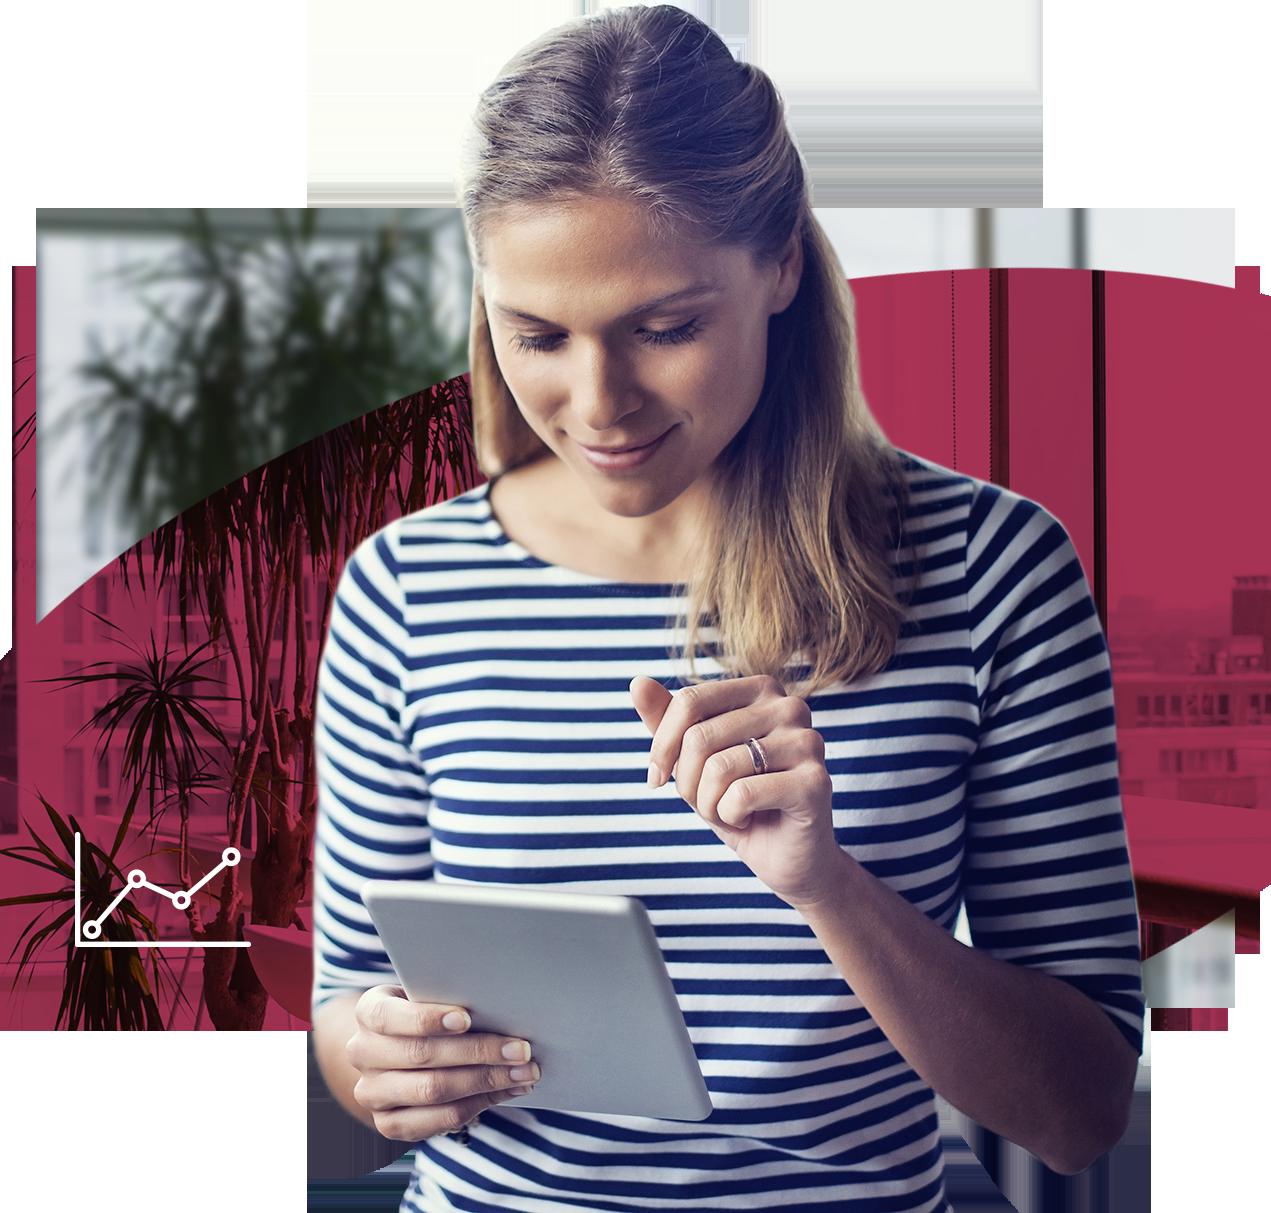 Frau mit Tablet, Rosaner Hintergrund